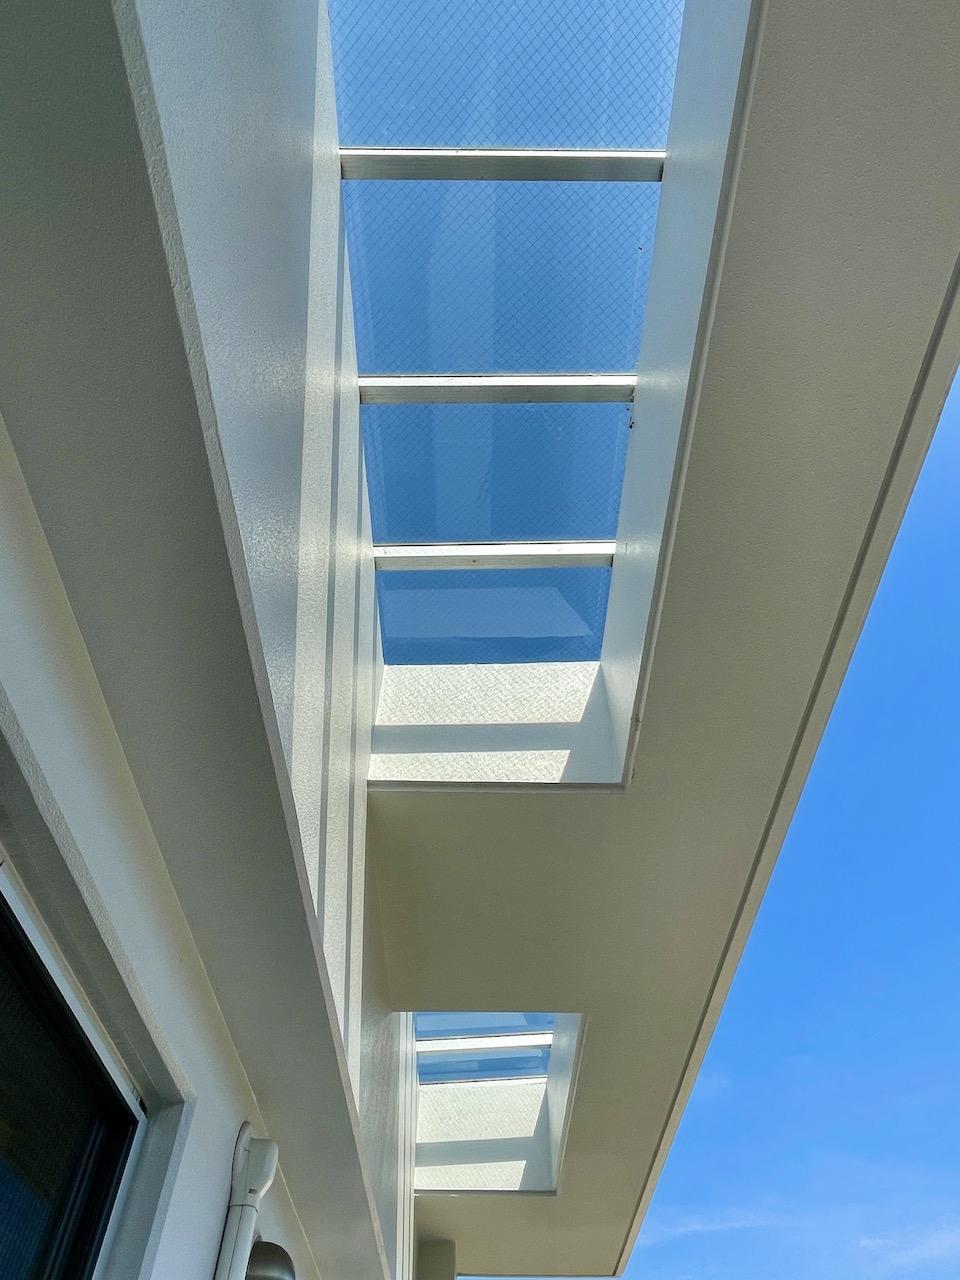 ベランダ屋根もガラス張りで光が入ります。